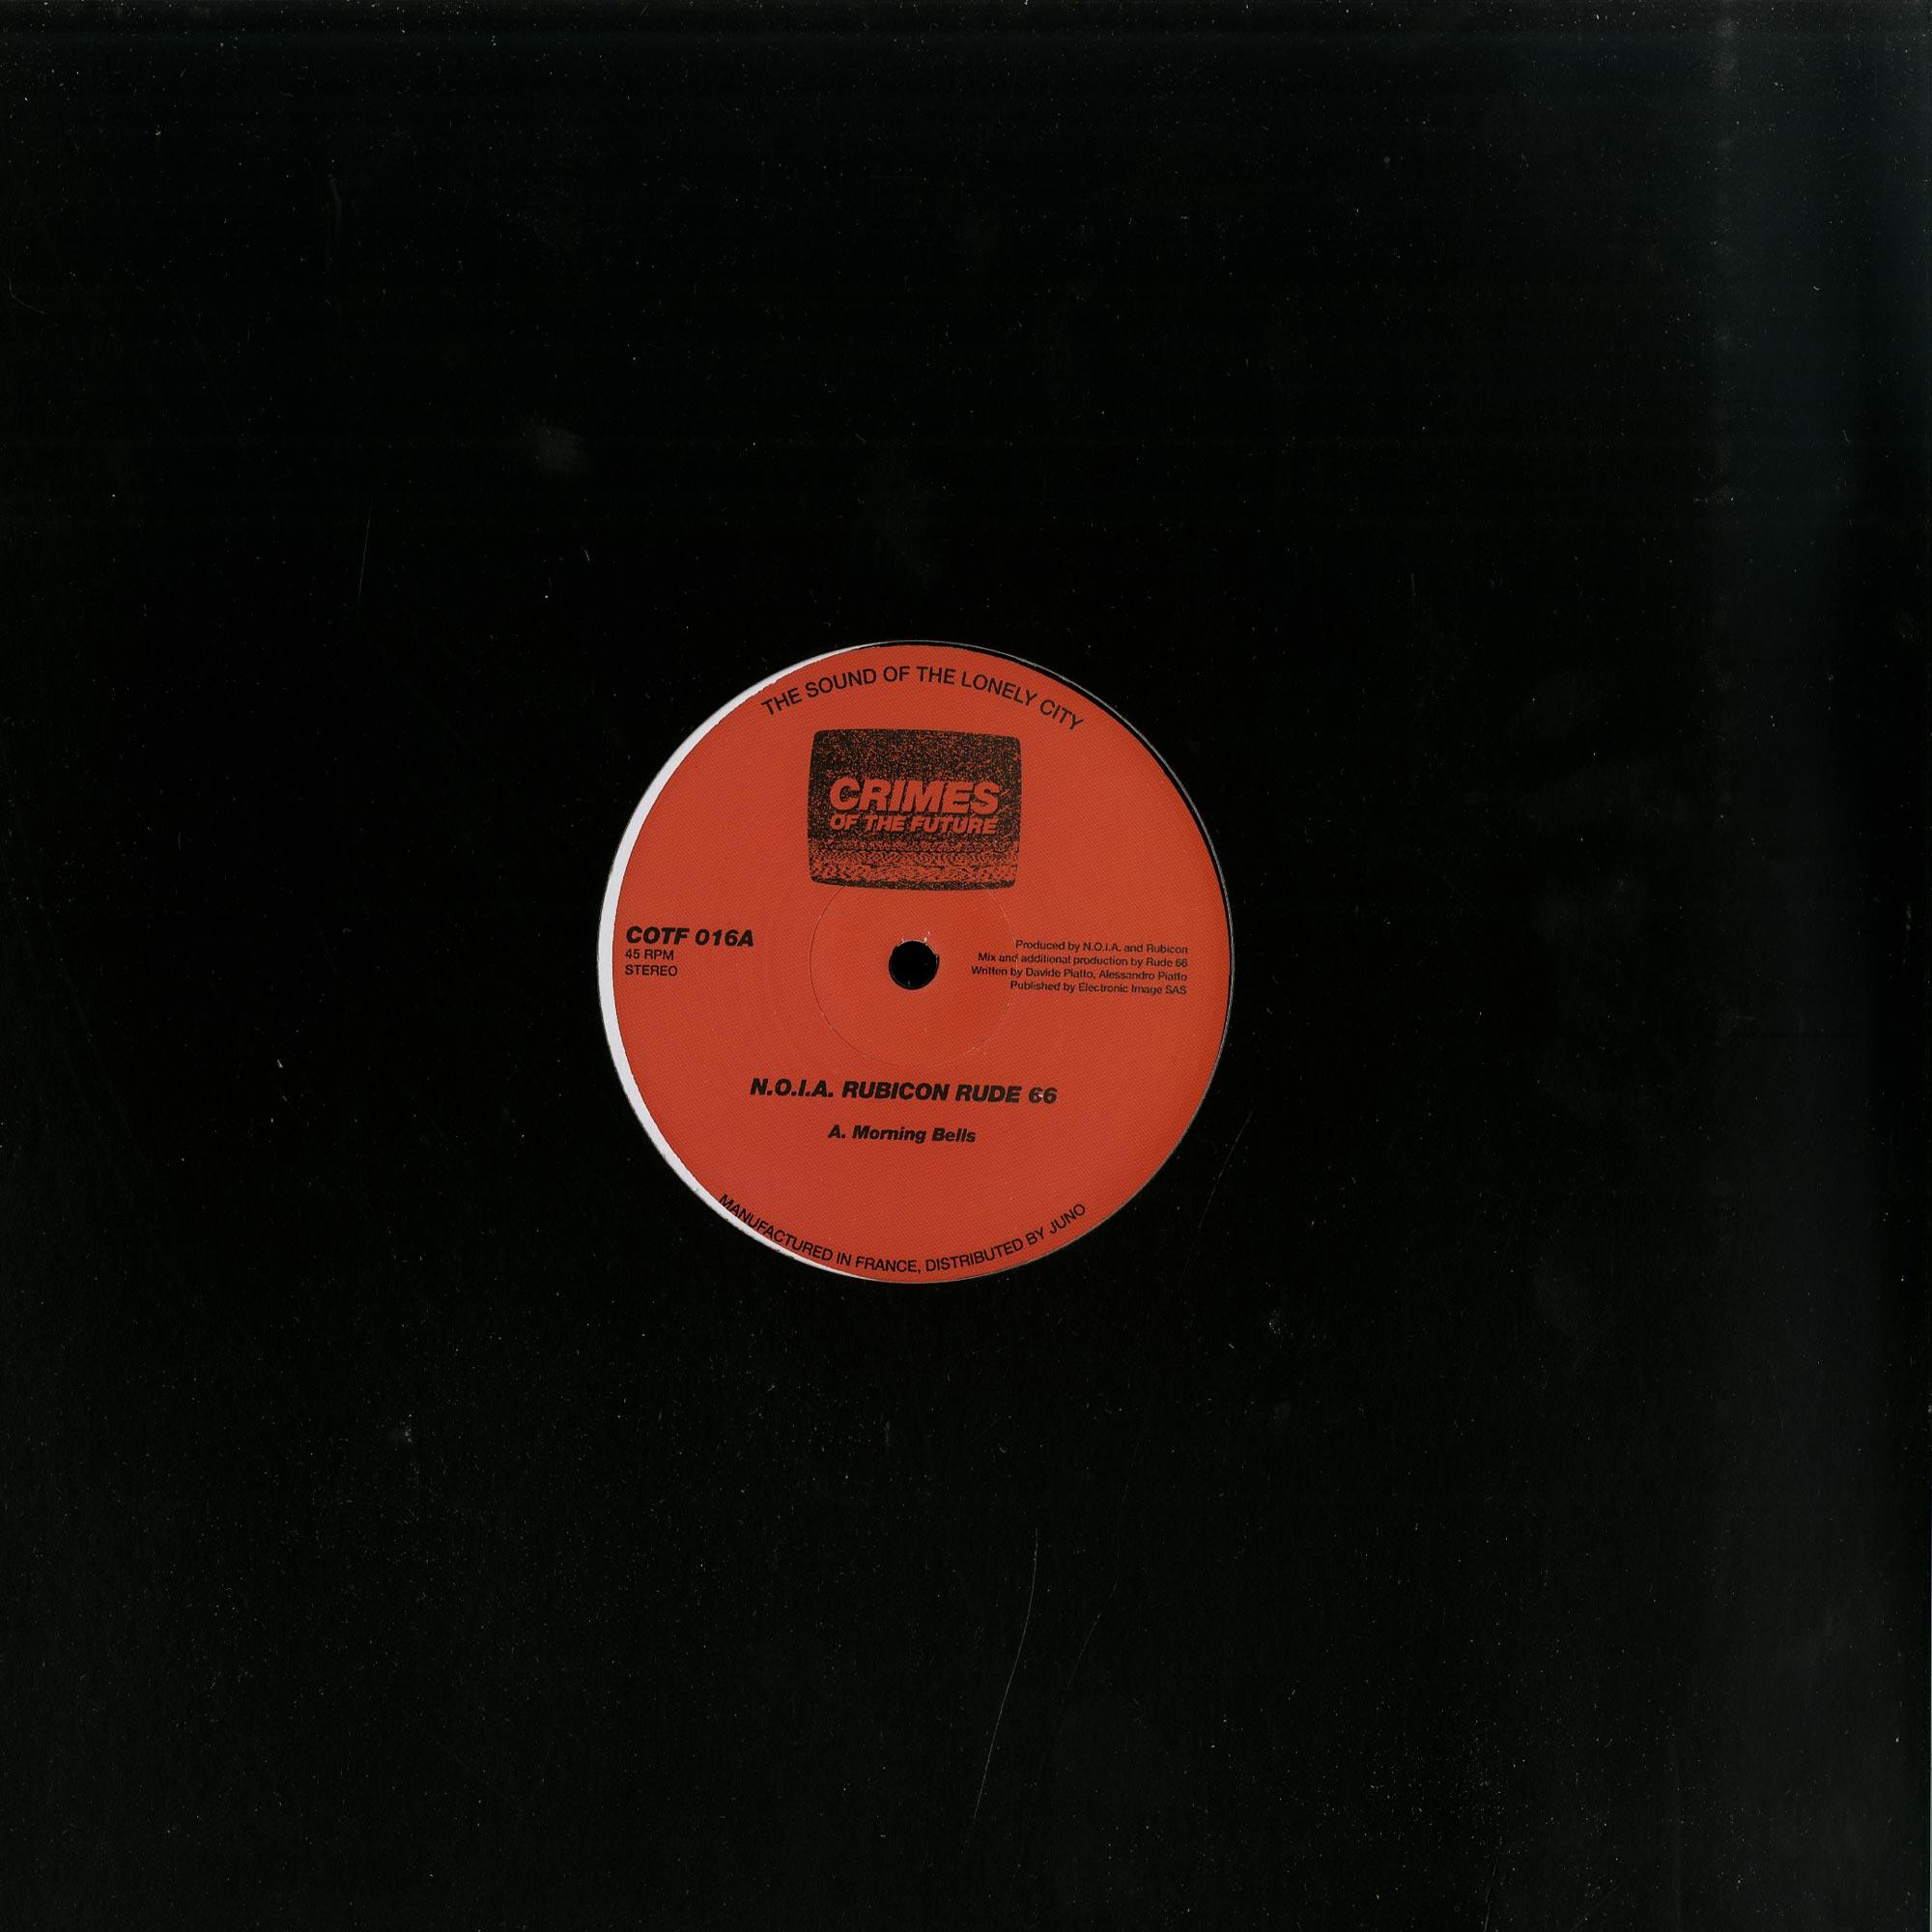 Noia / Rubicon / Rude 66 - MORNING BELLS